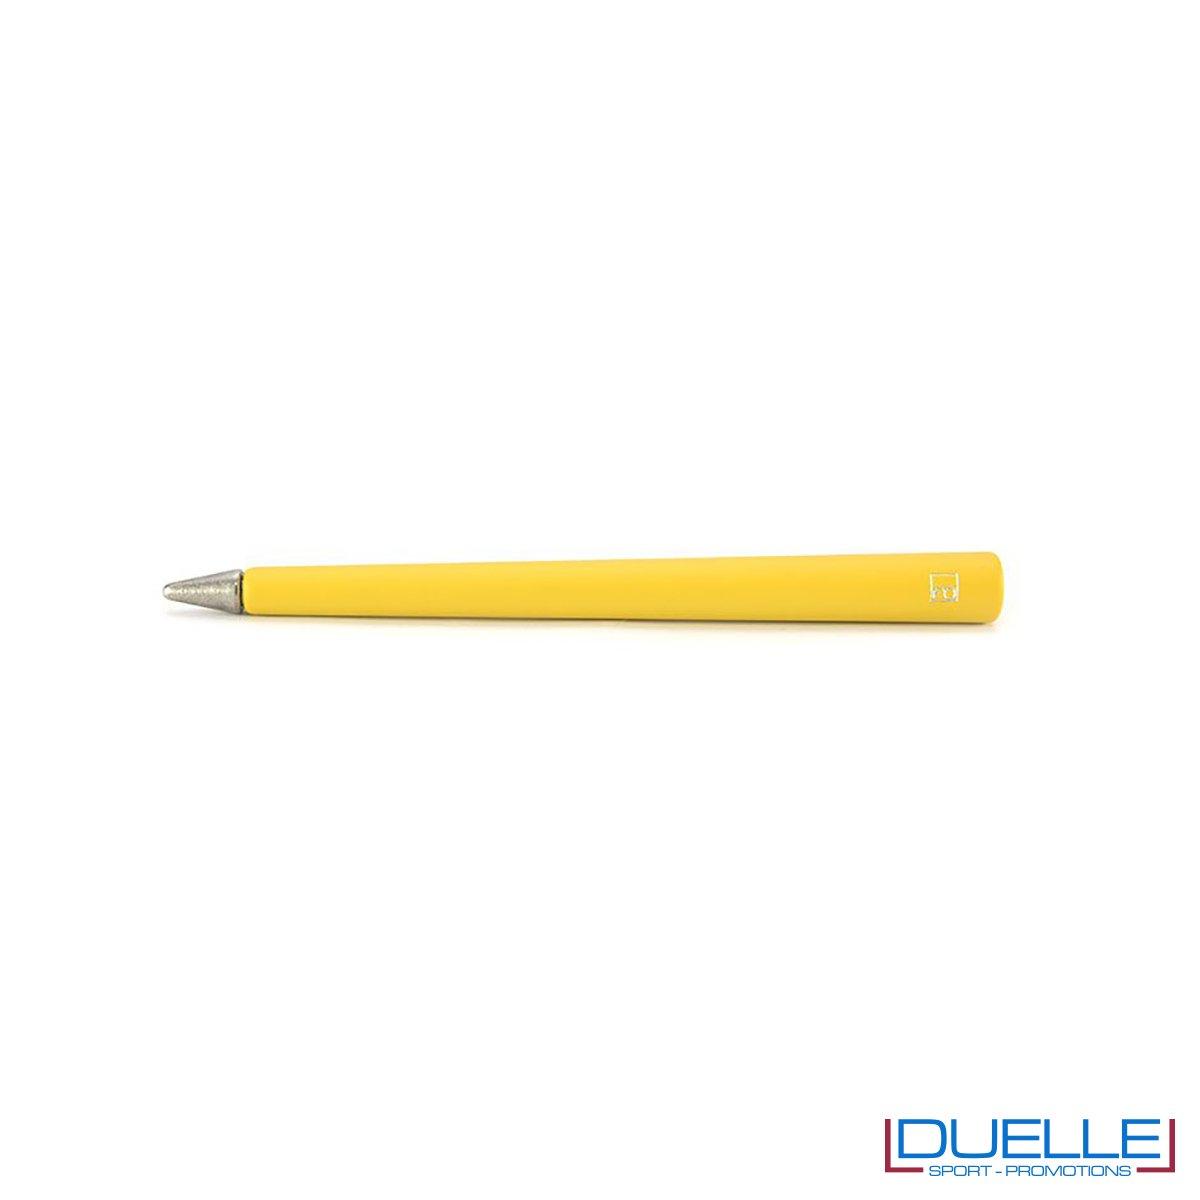 matita infinita personalizzata primina in colore arancione, regali aziendali personalizzabili arancioni